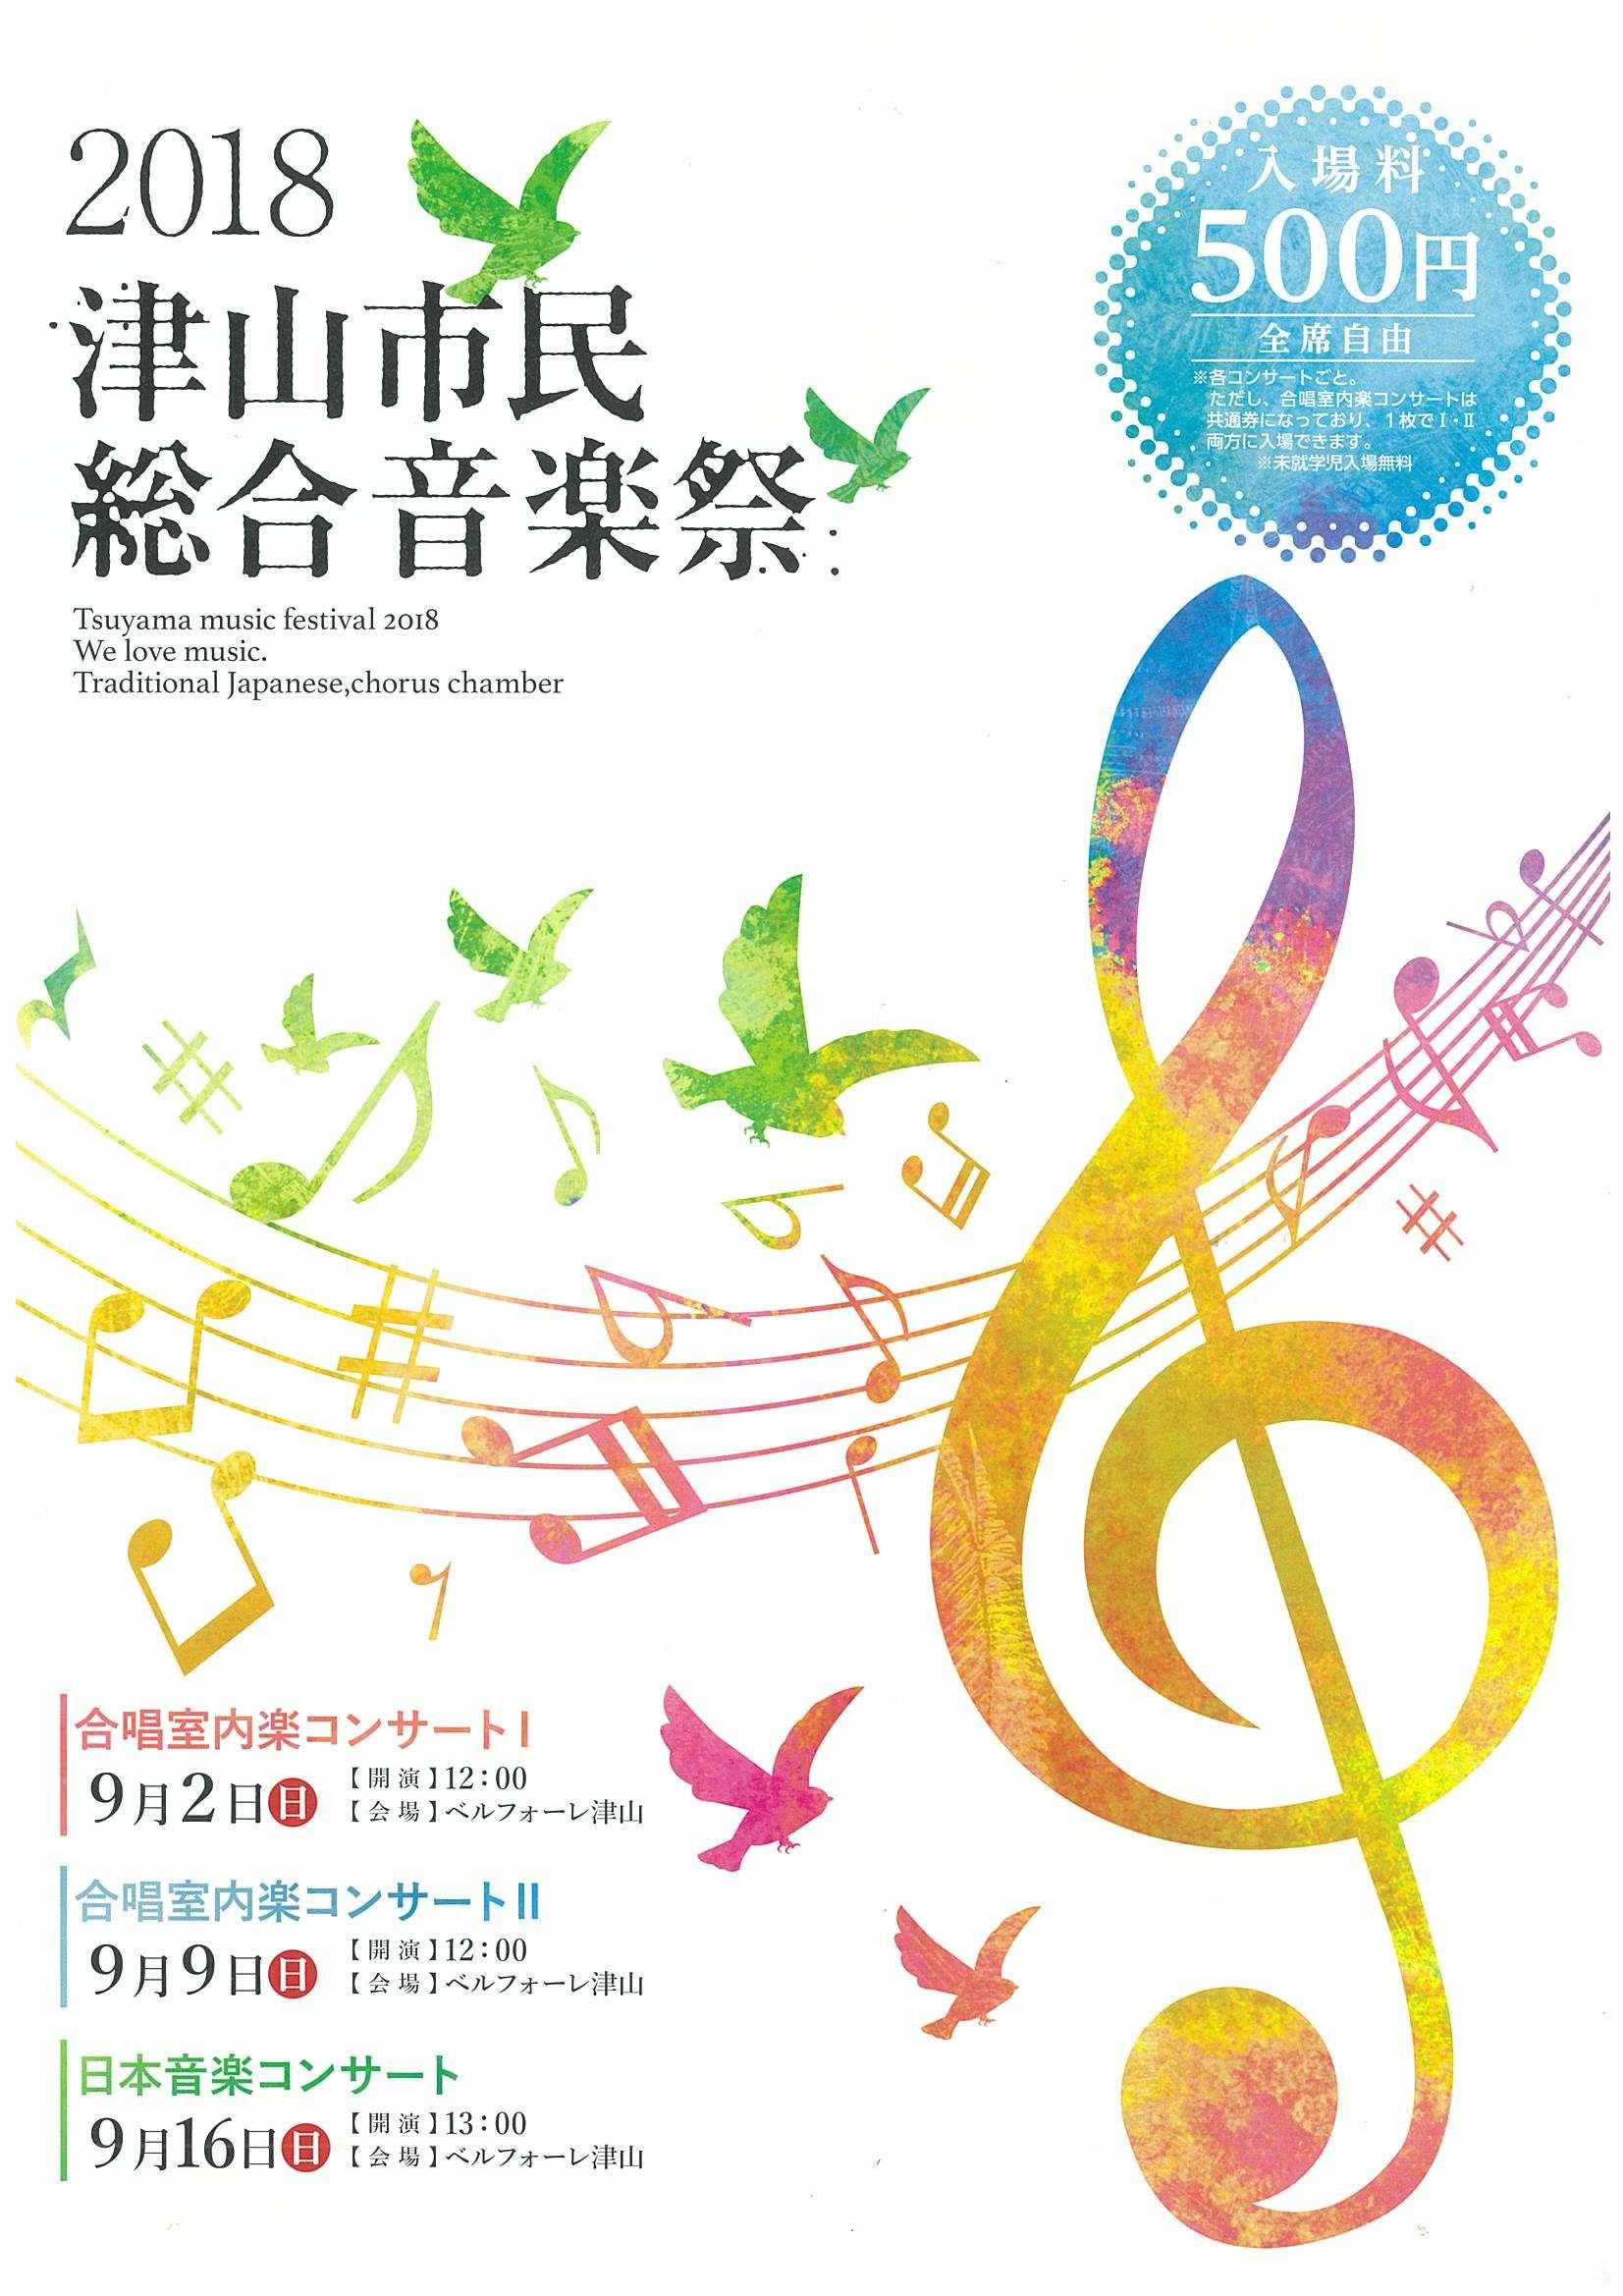 市民総合音楽祭 開催日程 | 津山...